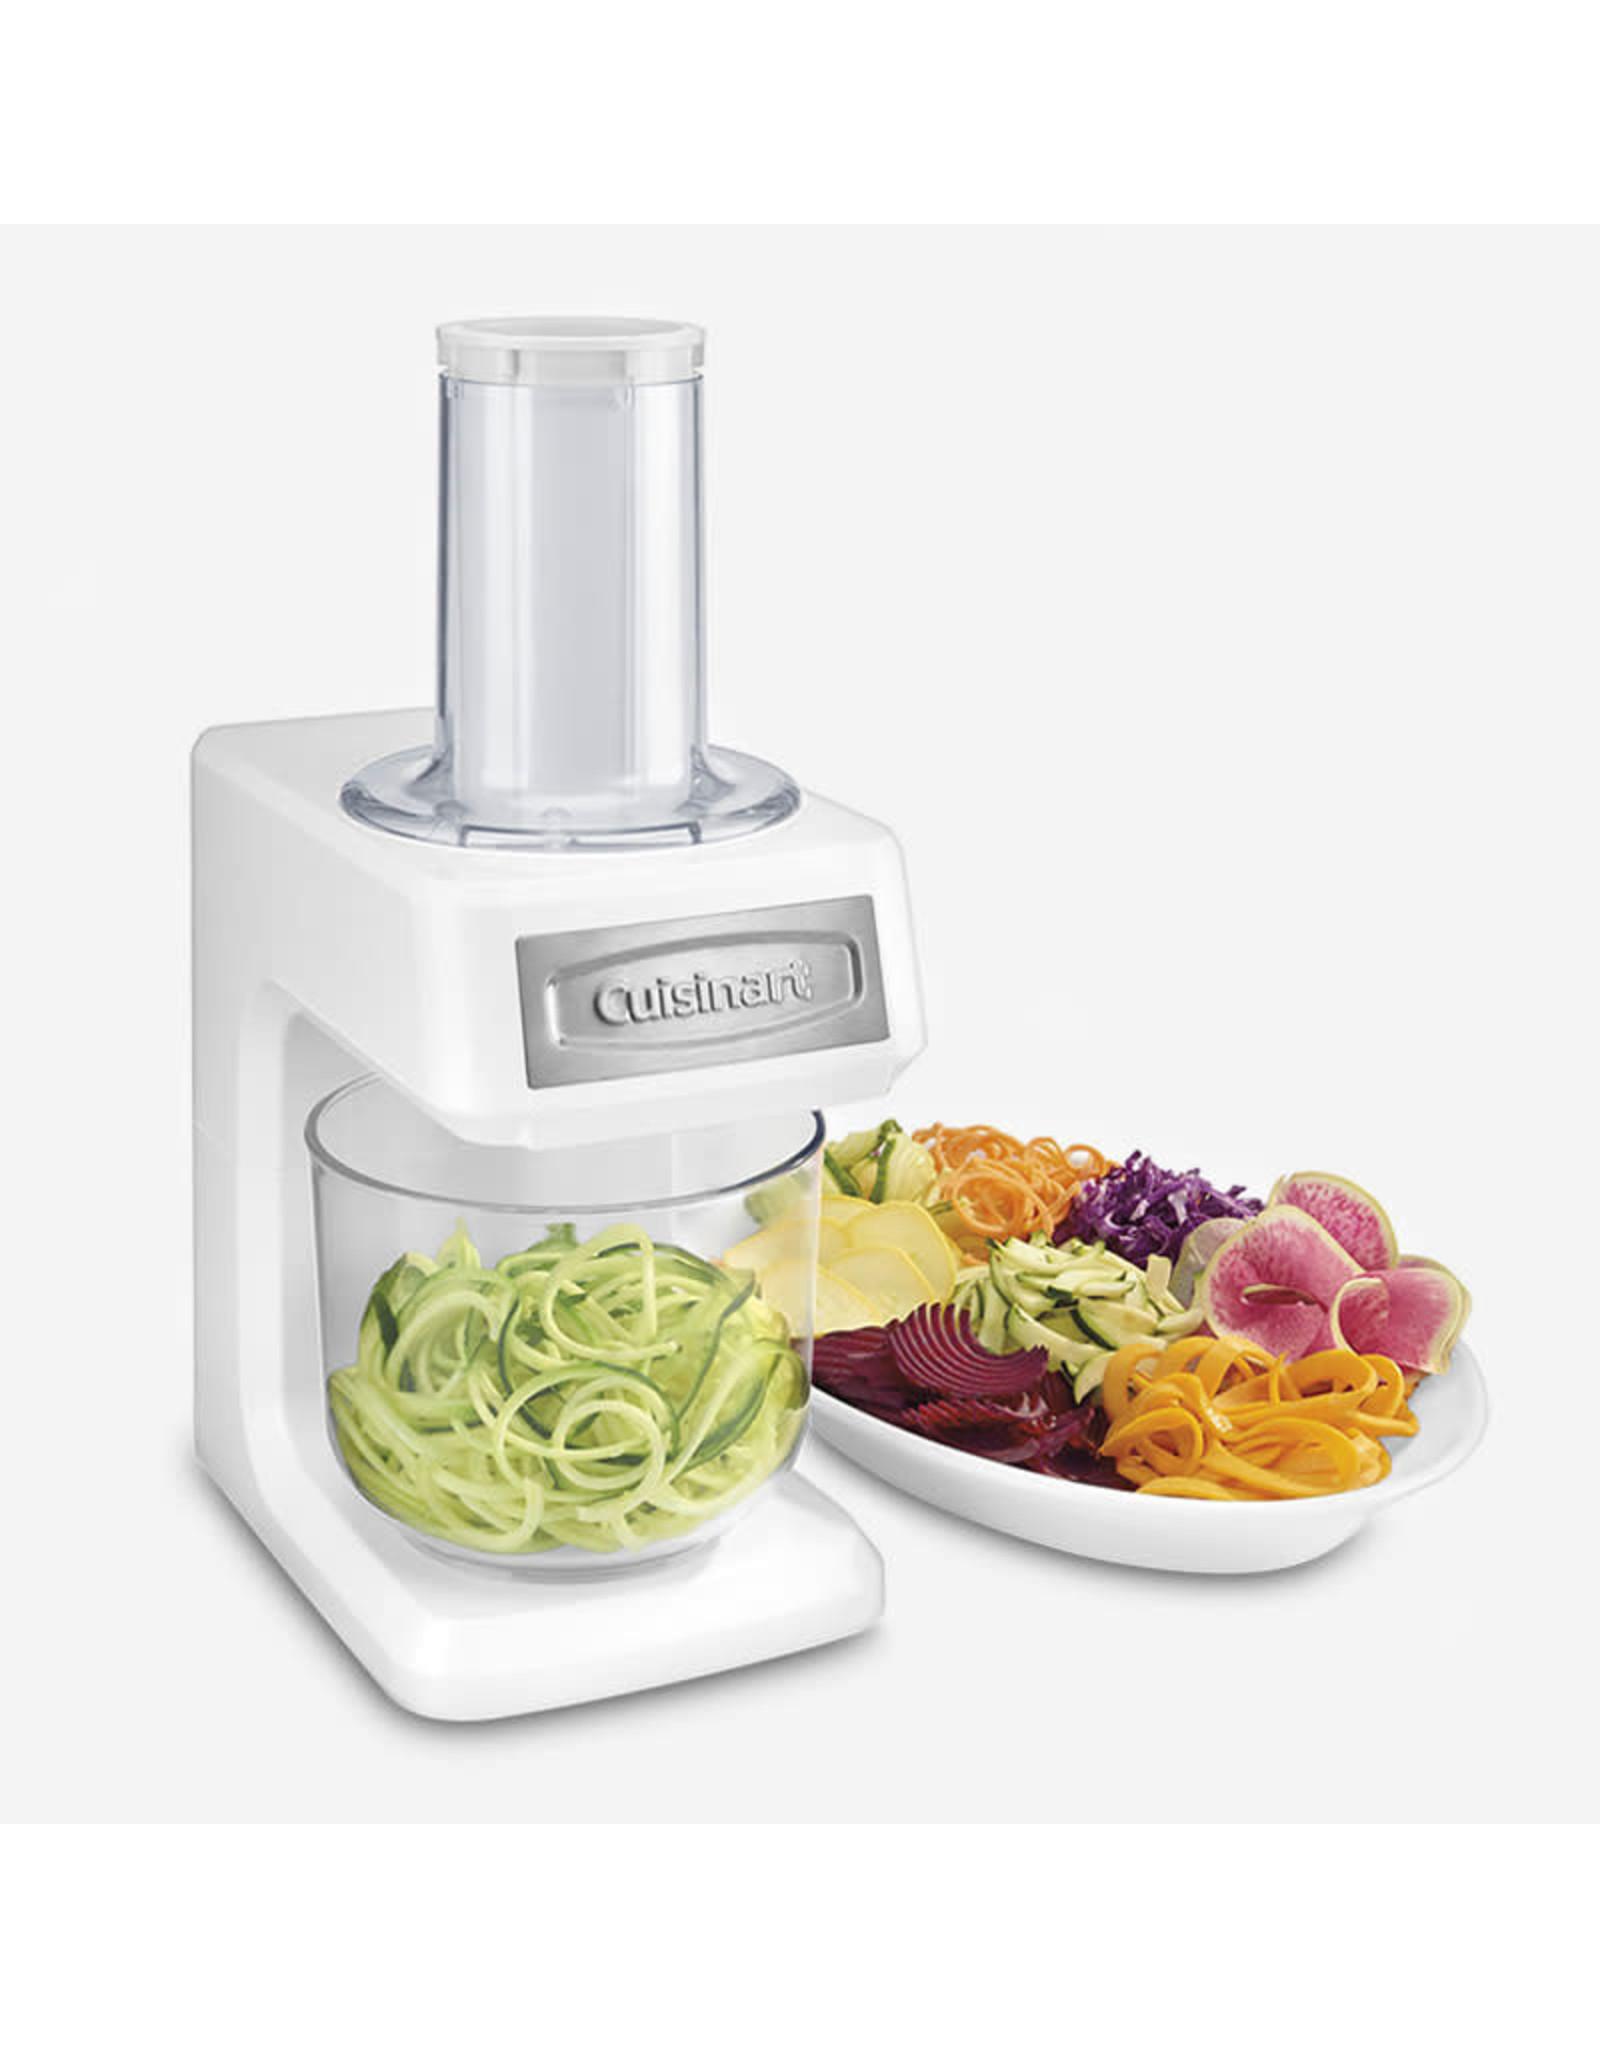 Cuisinart Spiralizer CUISINART